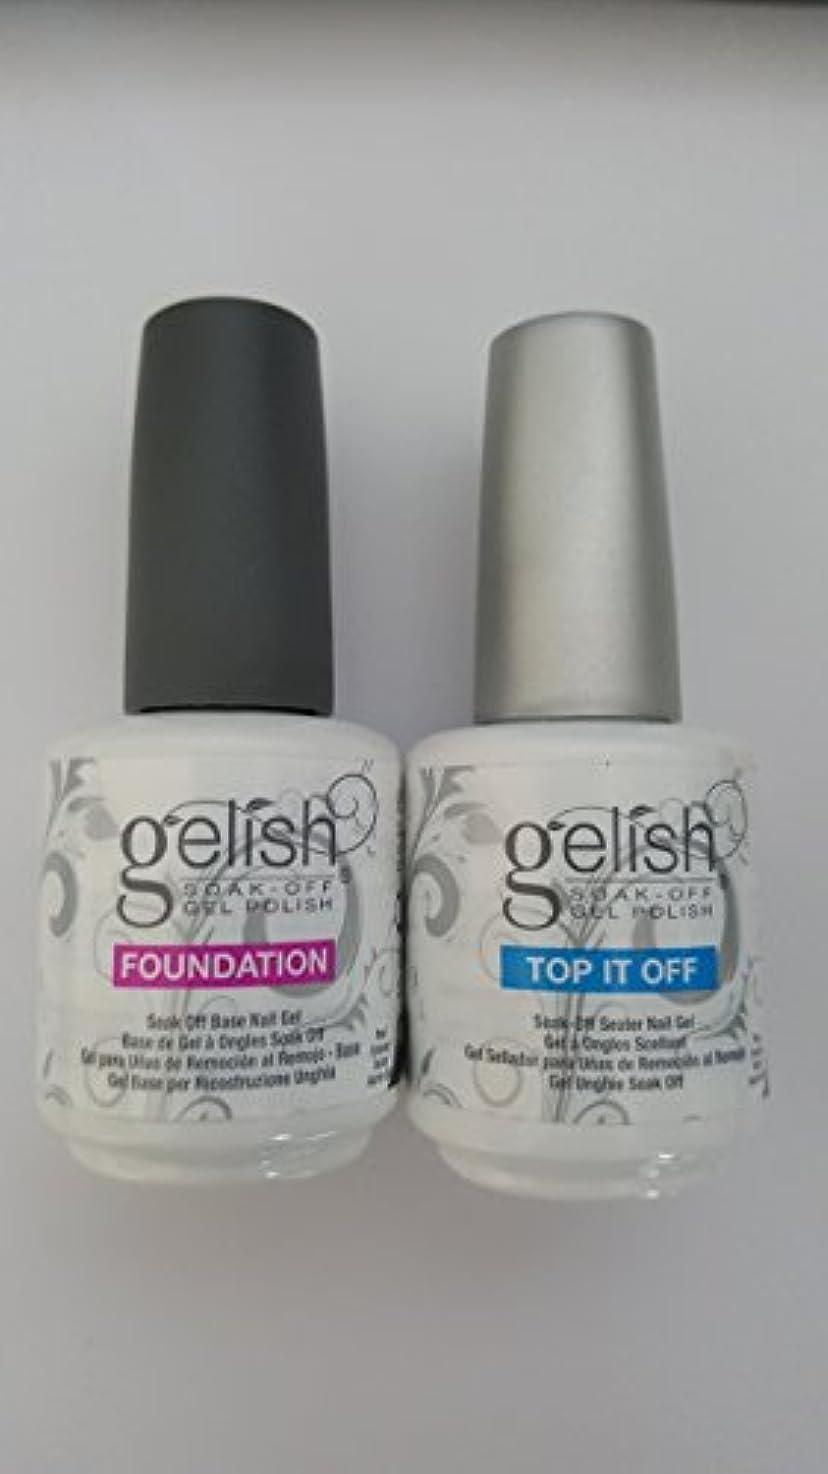 伝記氷アフリカ人HARMONY gelish Top it Off/Foundation( ハーモニー ジェリッシュ ファンデーション ベースジェル &シーラージェル) (15ml)2点セット